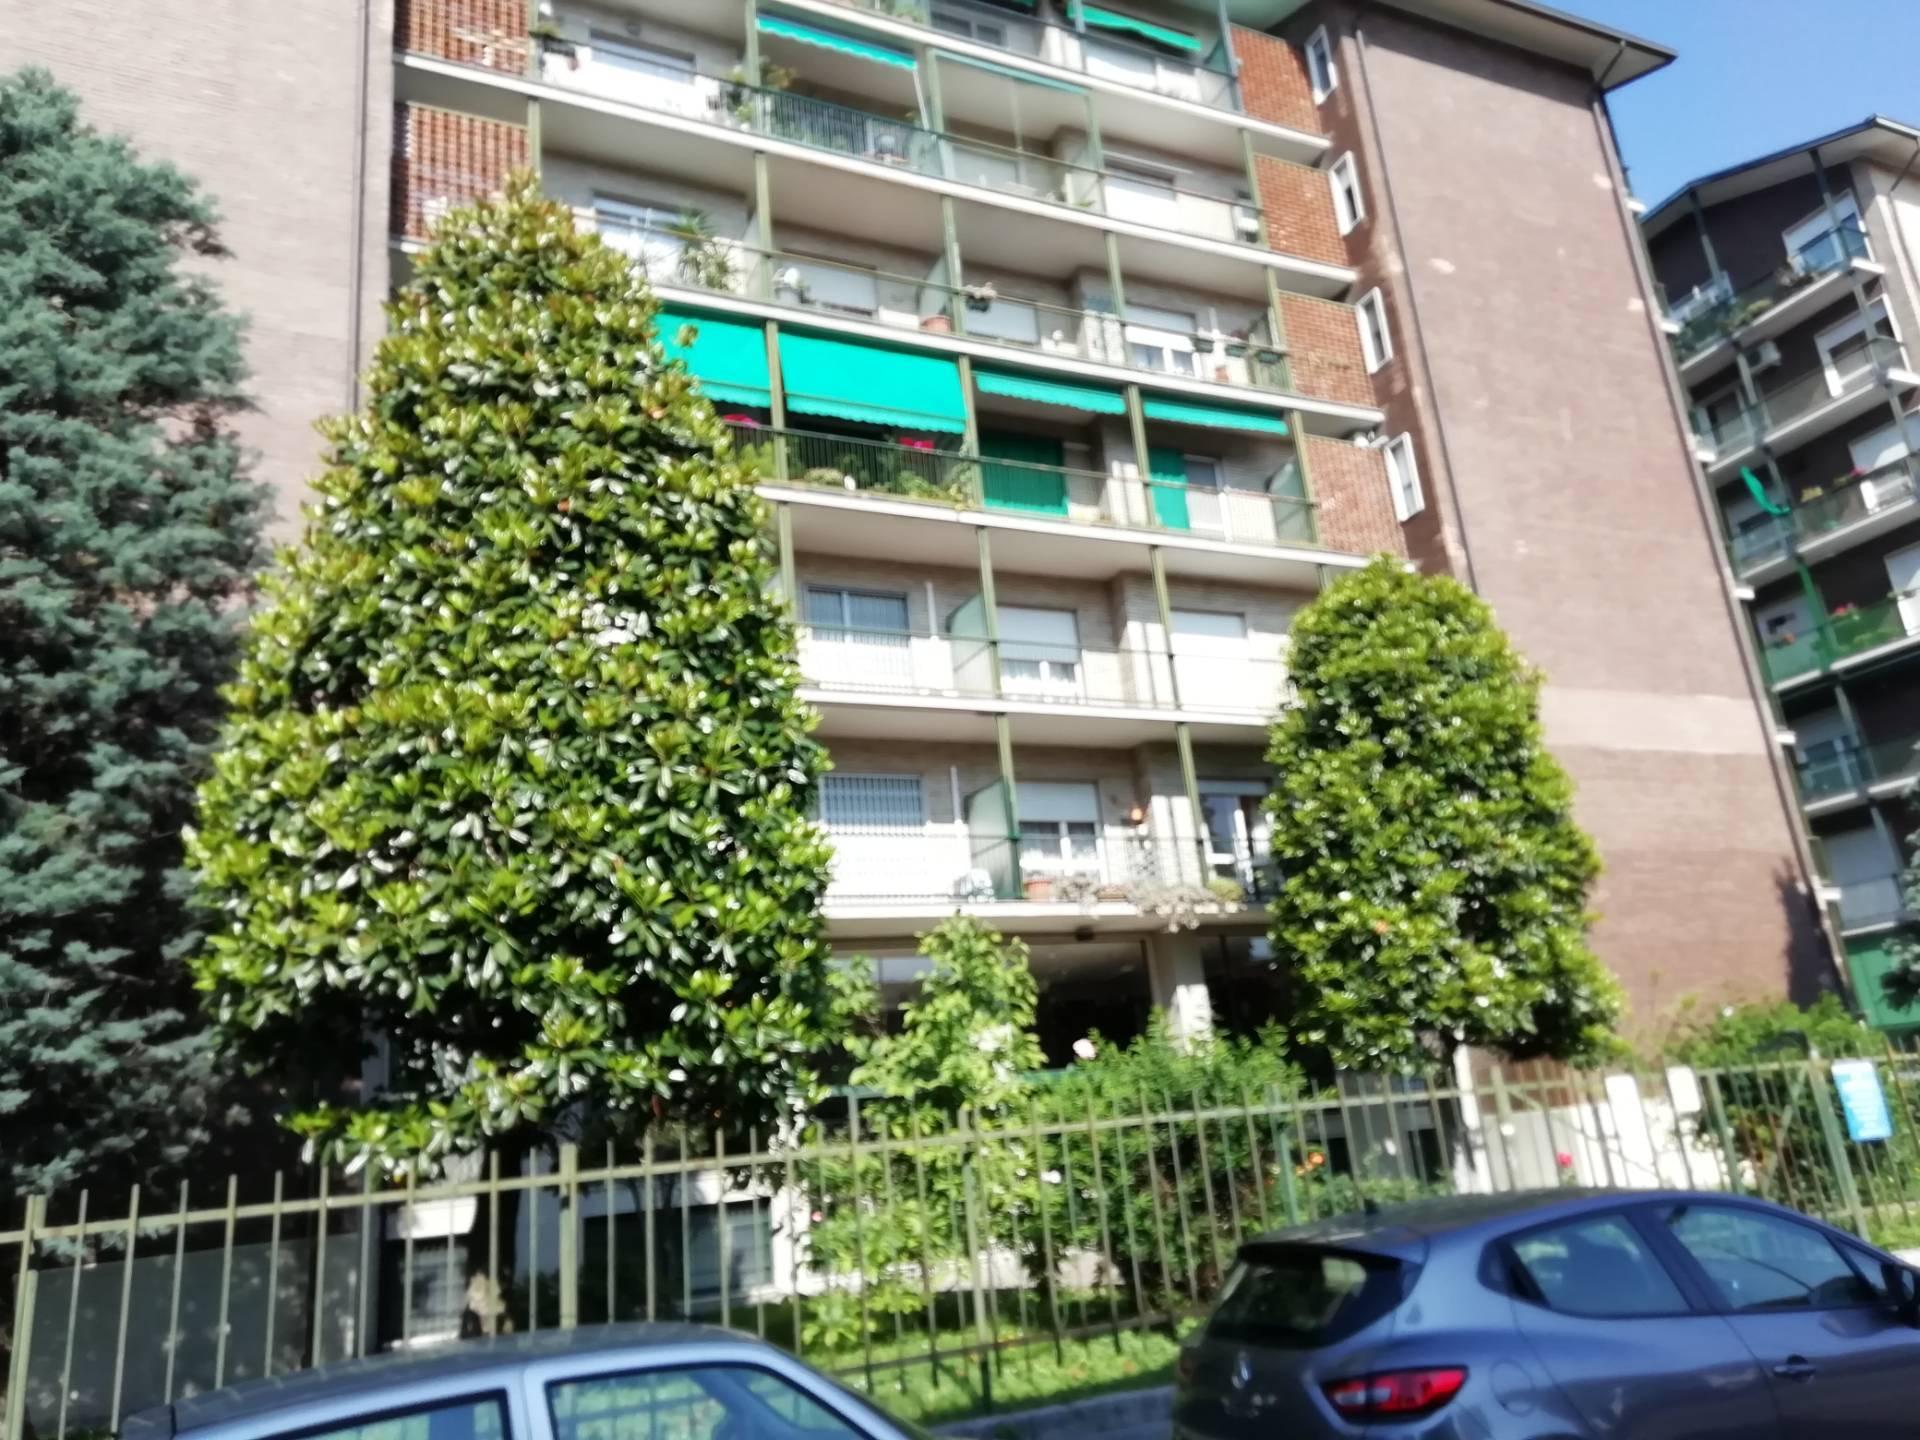 Agenzie Immobiliari Corsico agenzia immobiliare corsico